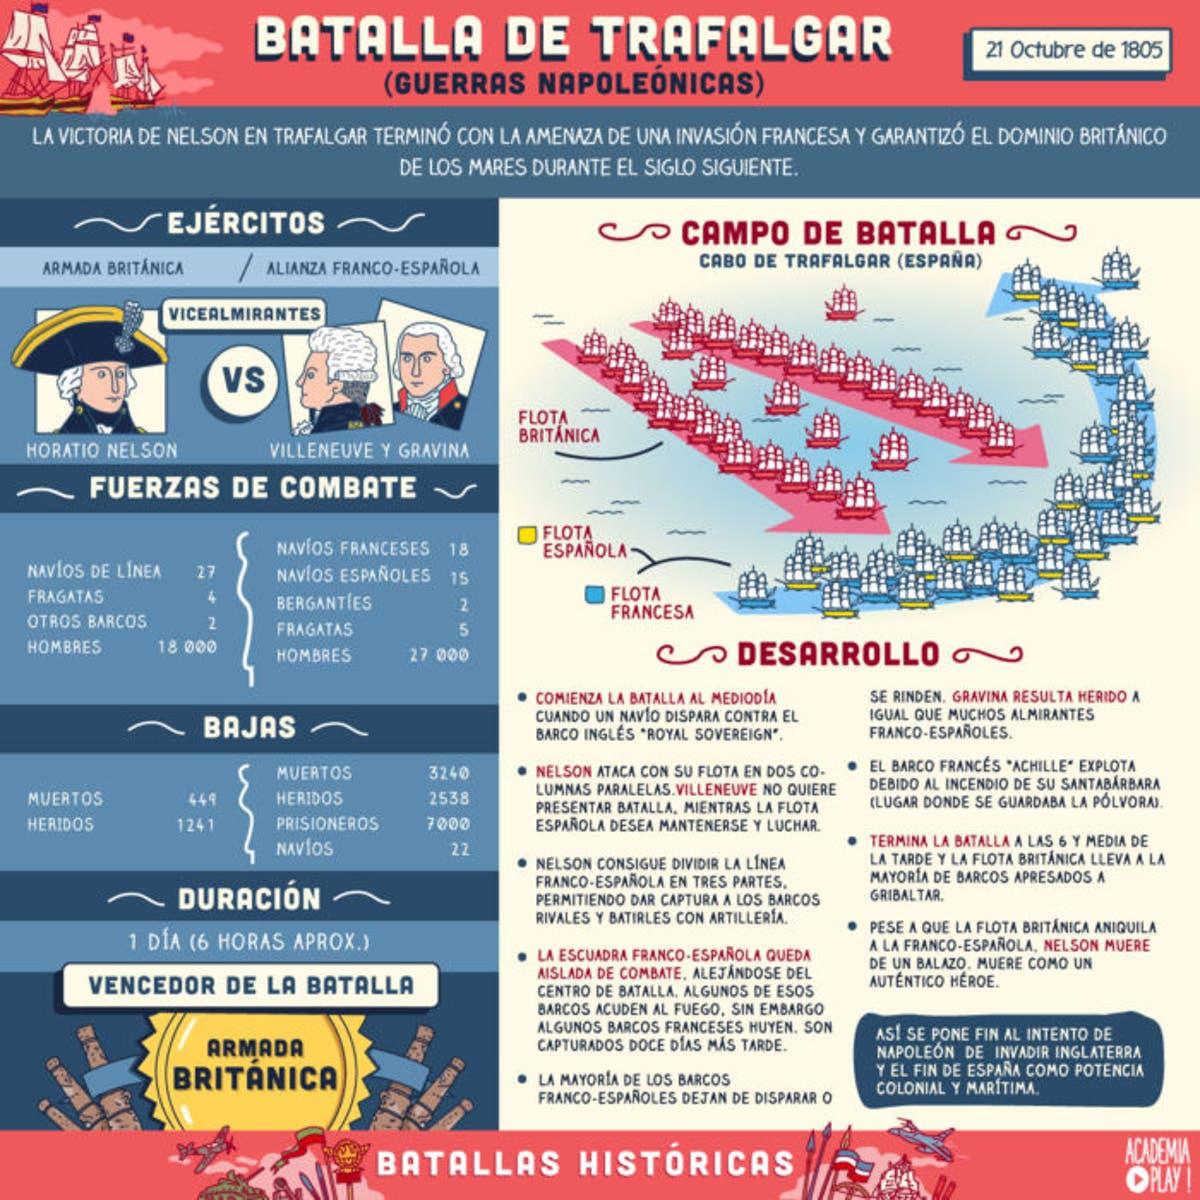 Batalla De Trafalgar Mapa.La Batalla De Trafalgar Academiaplay